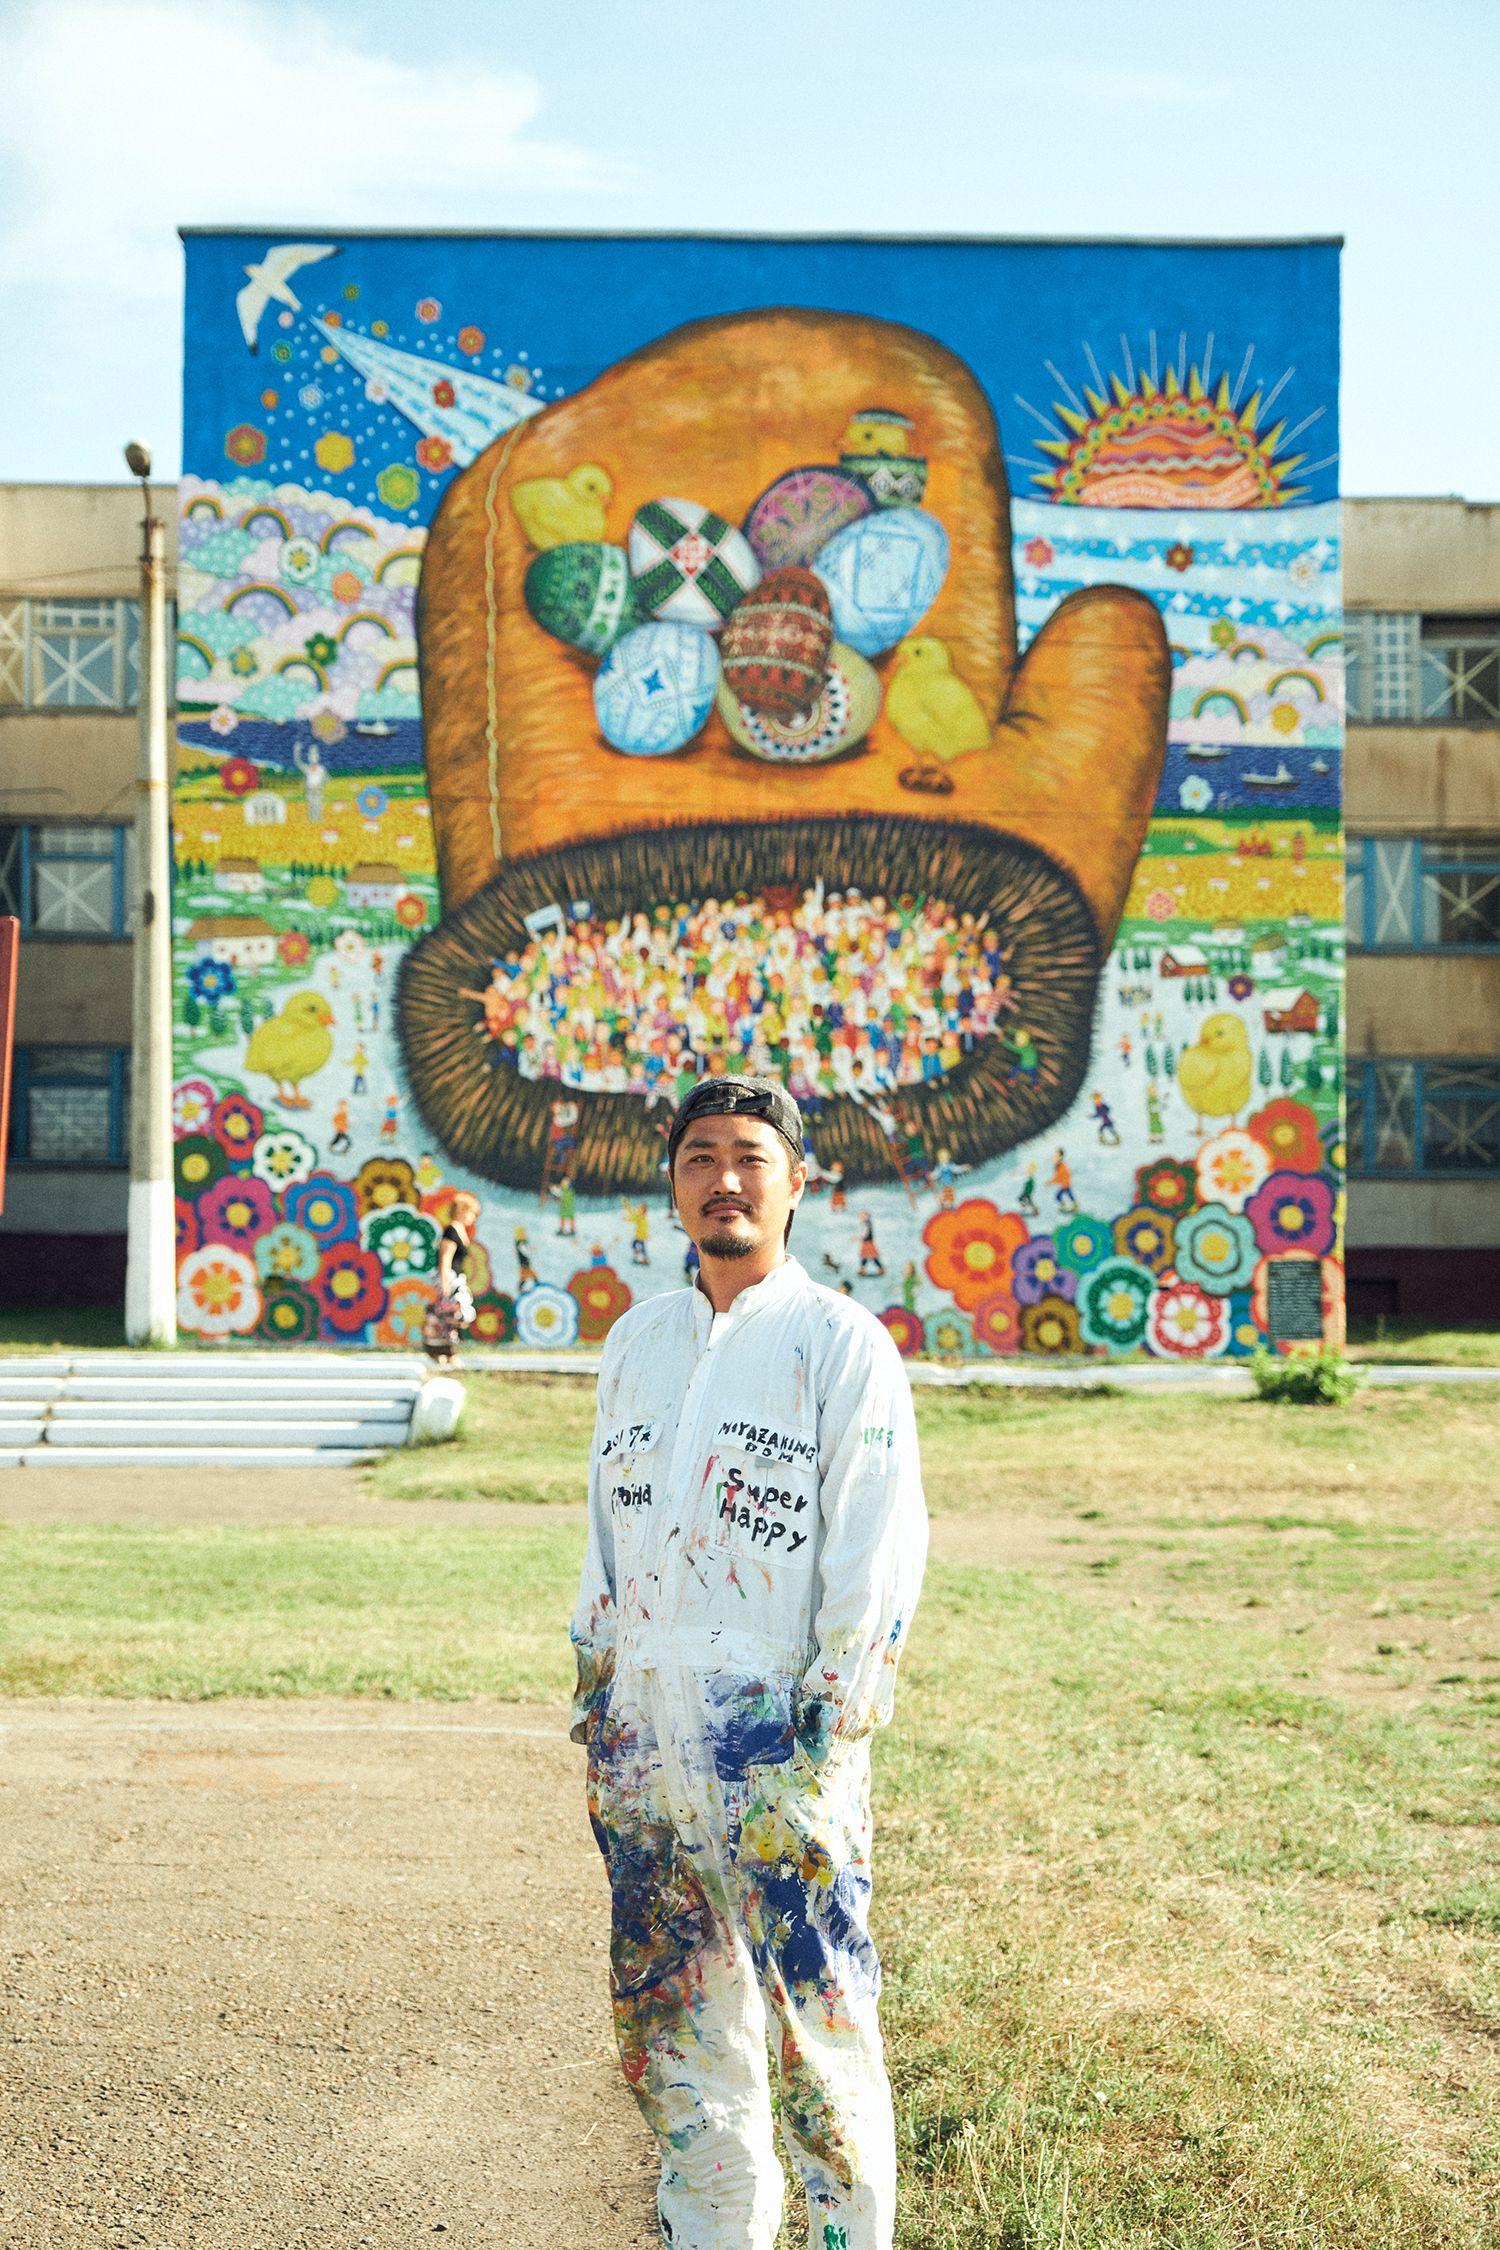 すぐには乗り越えがたい問題や困難な状況があっても、みなで明るい壁画を描くことで光を作り出そうとする。ミヤザキさんの主宰する「Over the Wall」は2018年8月、南米のエクアドルでプロジェクトを実施予定。